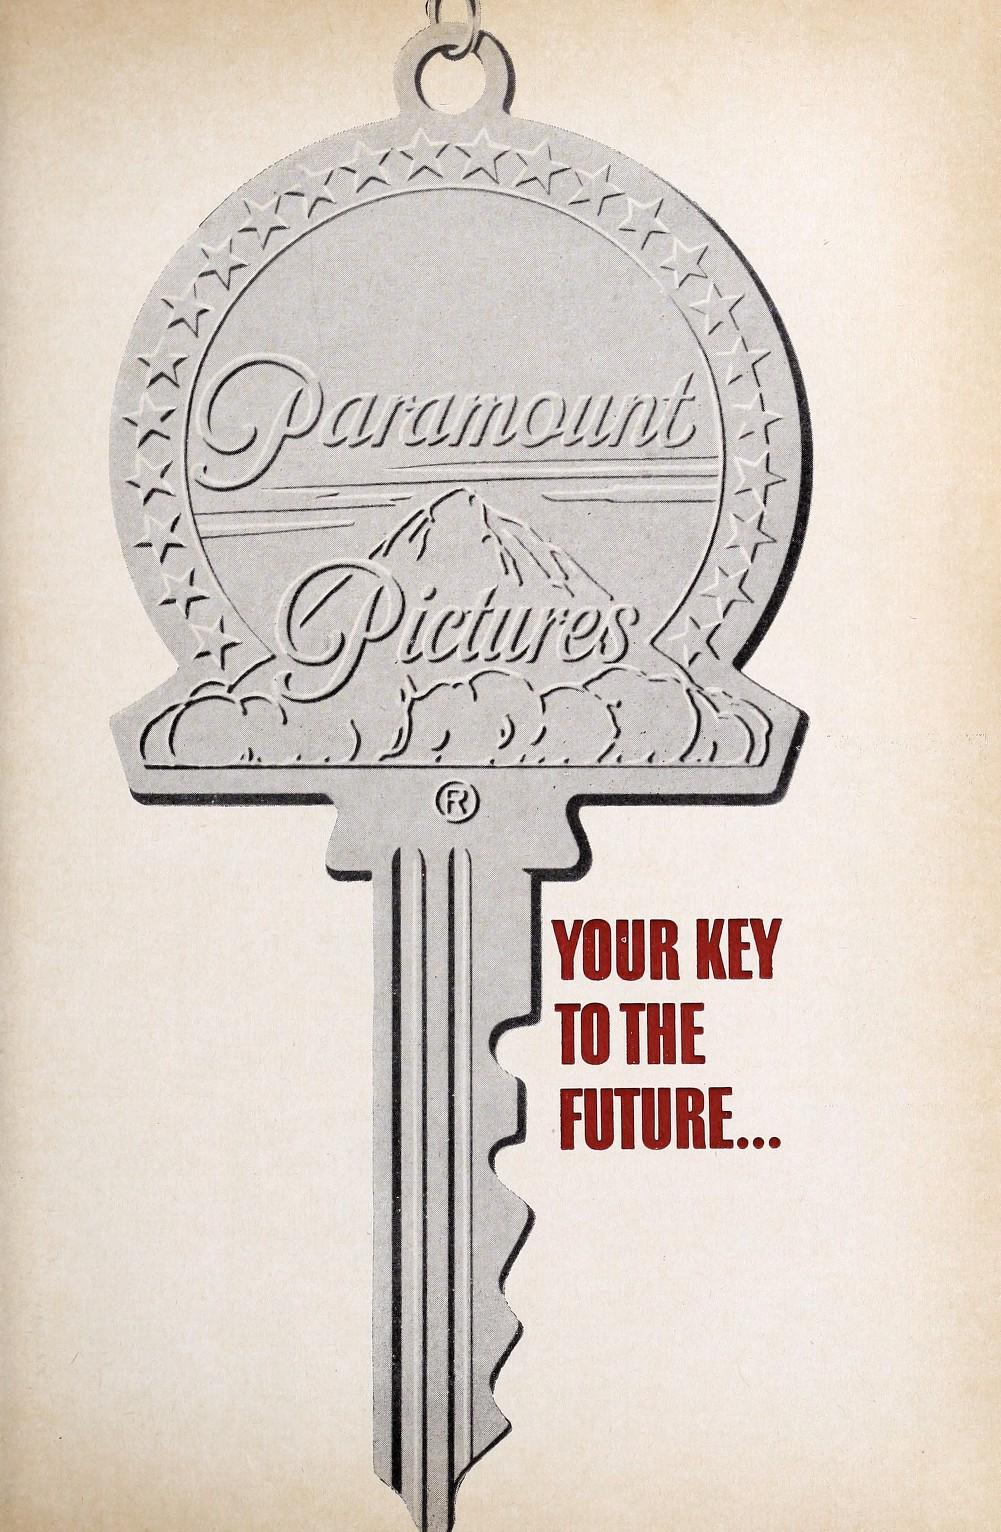 196364yearbookca00film_jp2.zip&file=196364yearbookca00film_jp2%2f196364yearbookca00film_0077